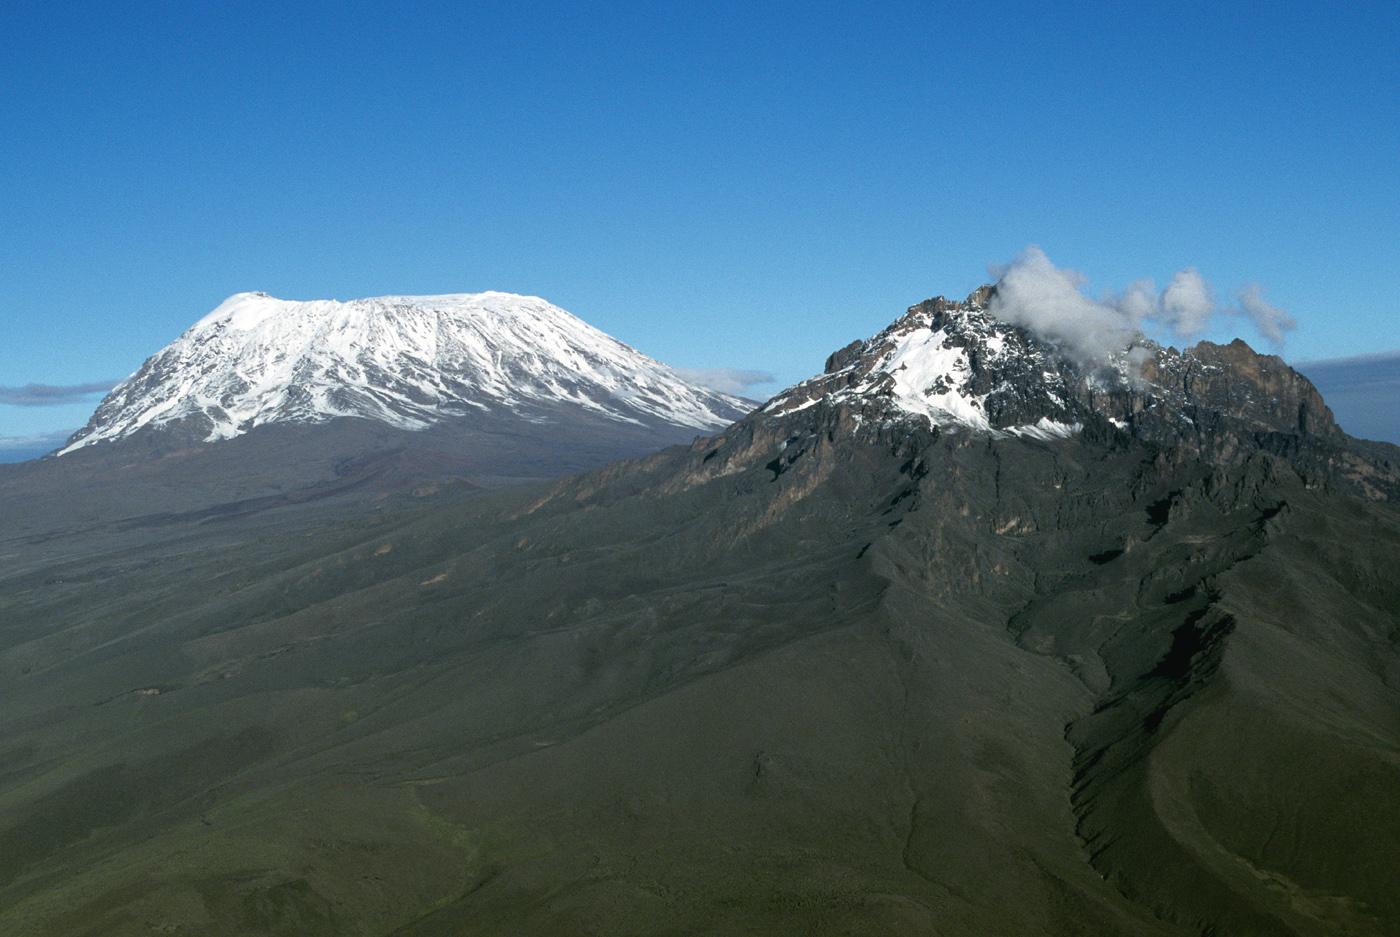 scenic photo of Kilimanjaro